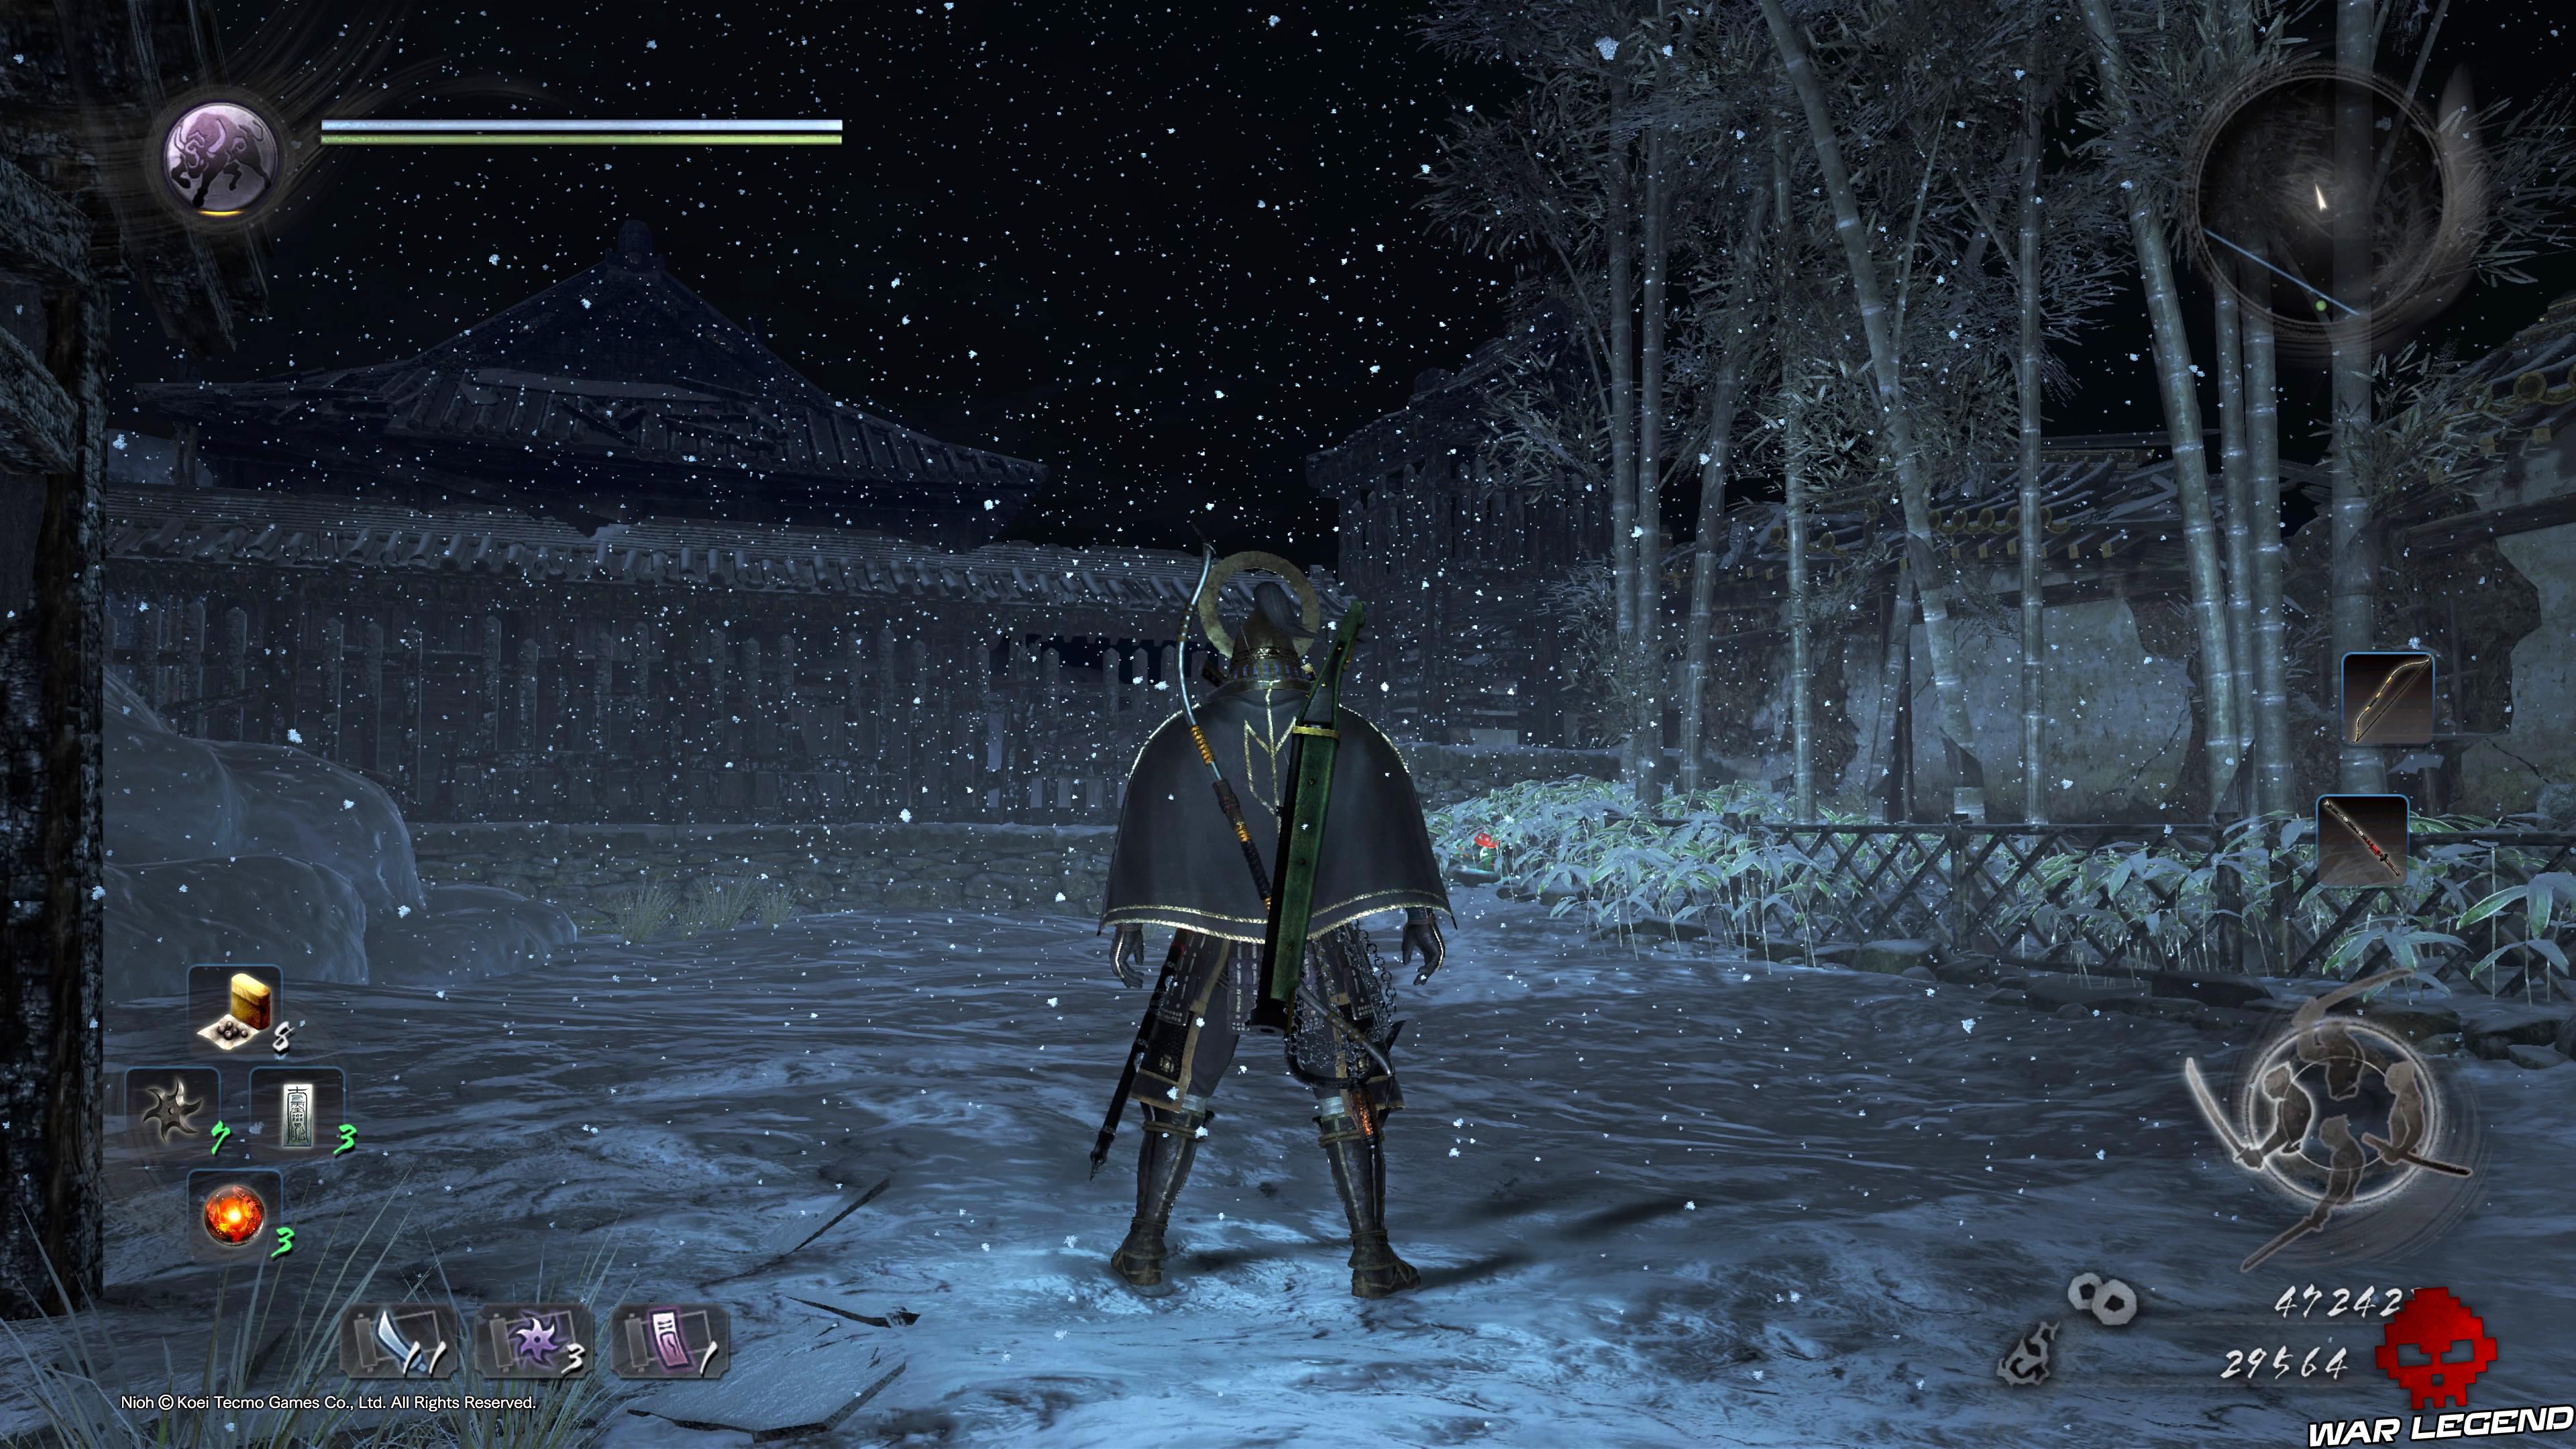 Soluce Nioh - Chute de neige: mission 8 Kodama